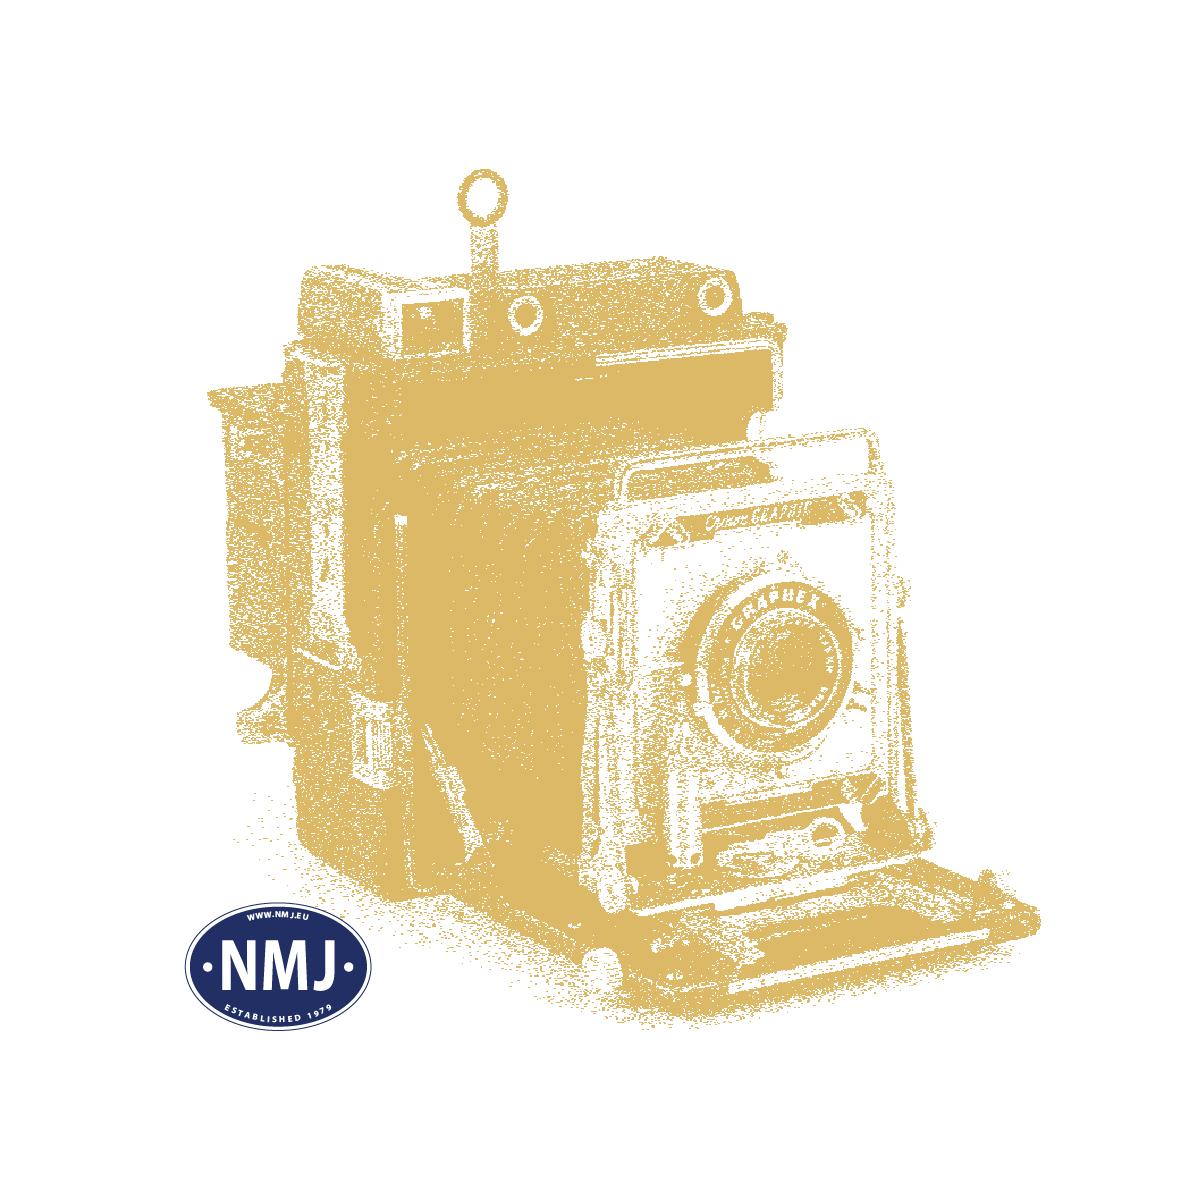 NMJT80.201 - NMJ Topline NSB EL17.2228 (V2.0), DC